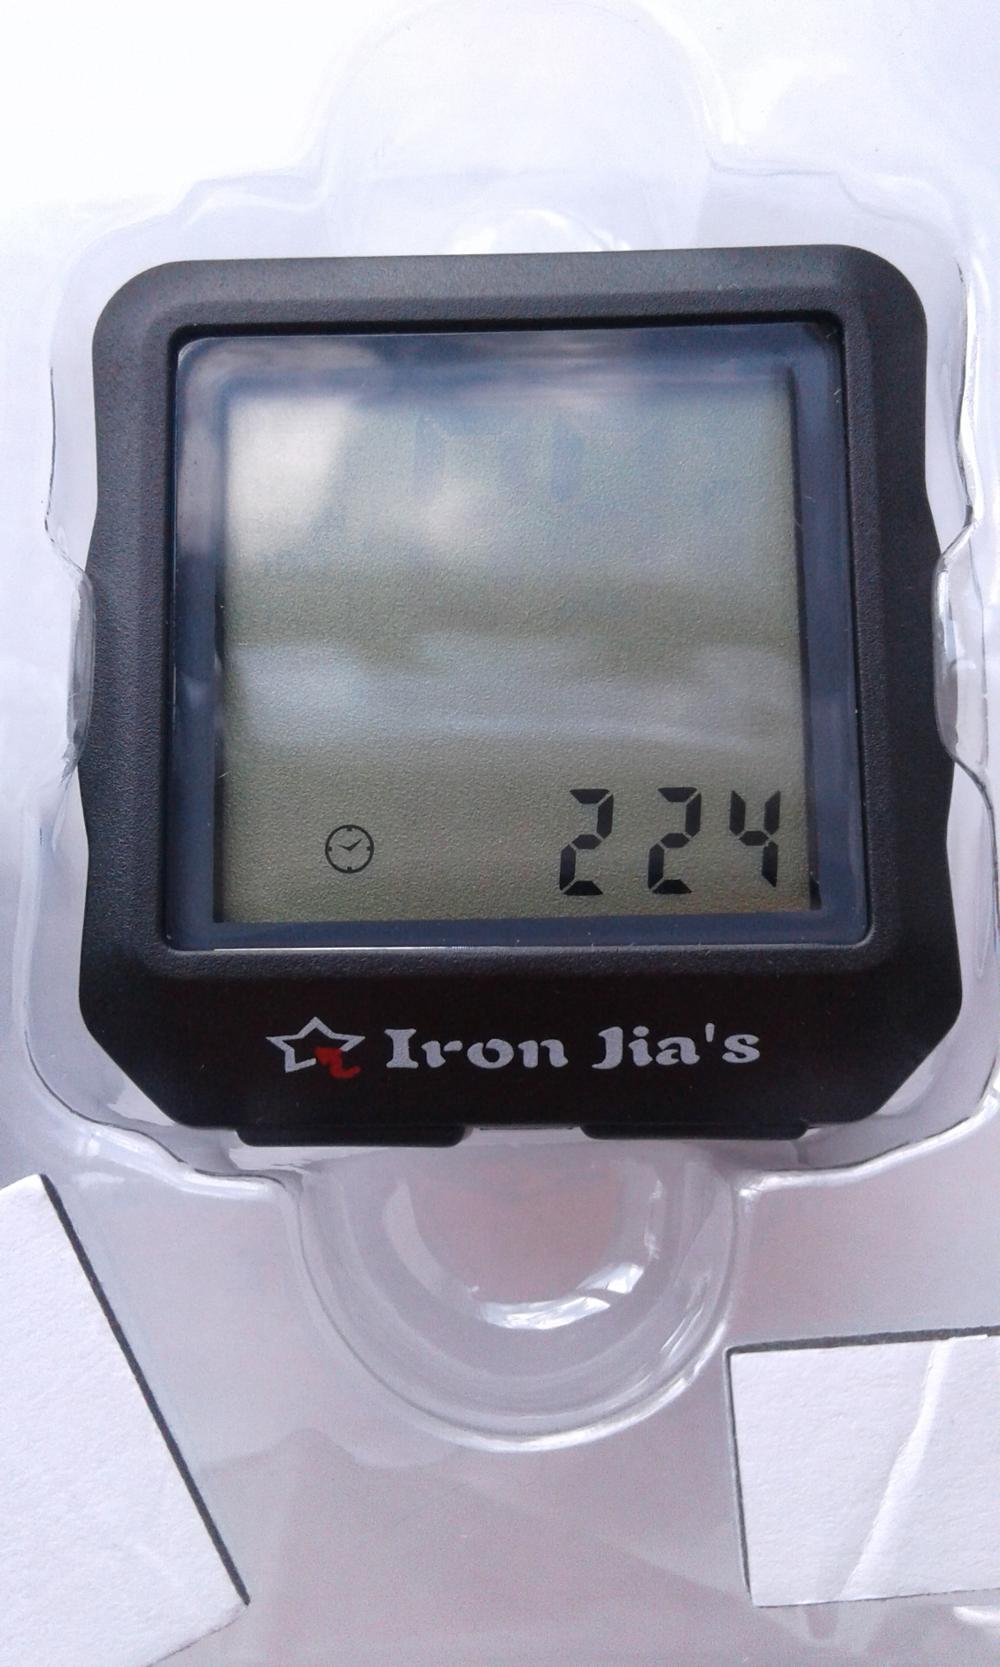 спидометр для велосипеда Многофункциональный водонепроницаемый велокомпьютер с подсветкой (одометр, спидометр, часы, секундомер) Аксессуары для велосипеда  велокомпьютер спидометр